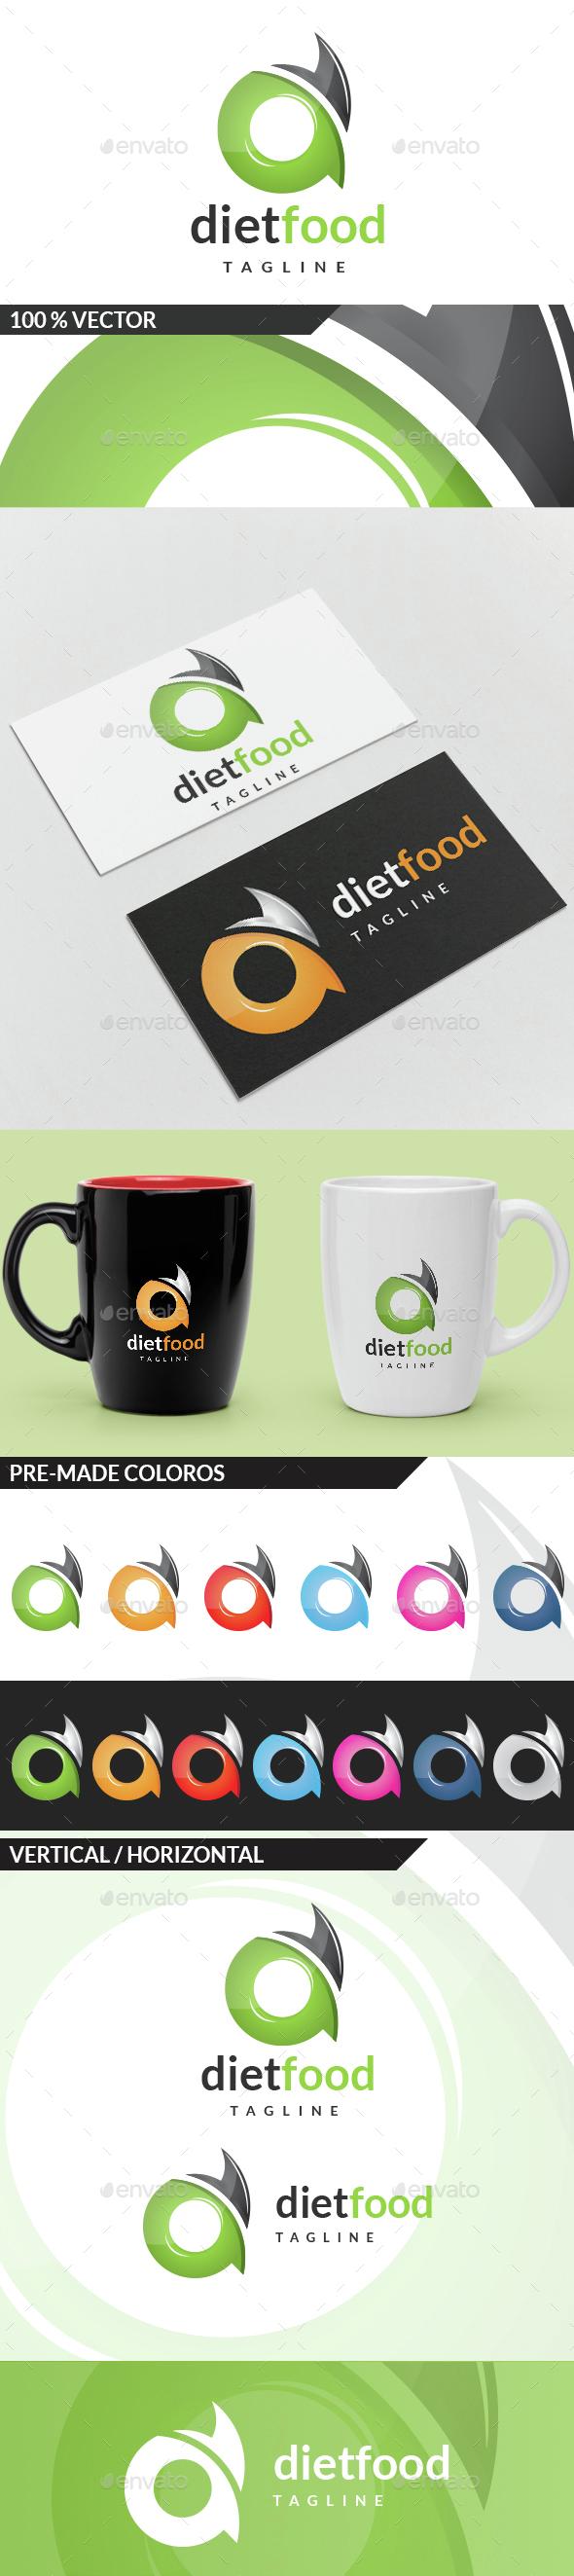 Diet Food - Letter D Logo